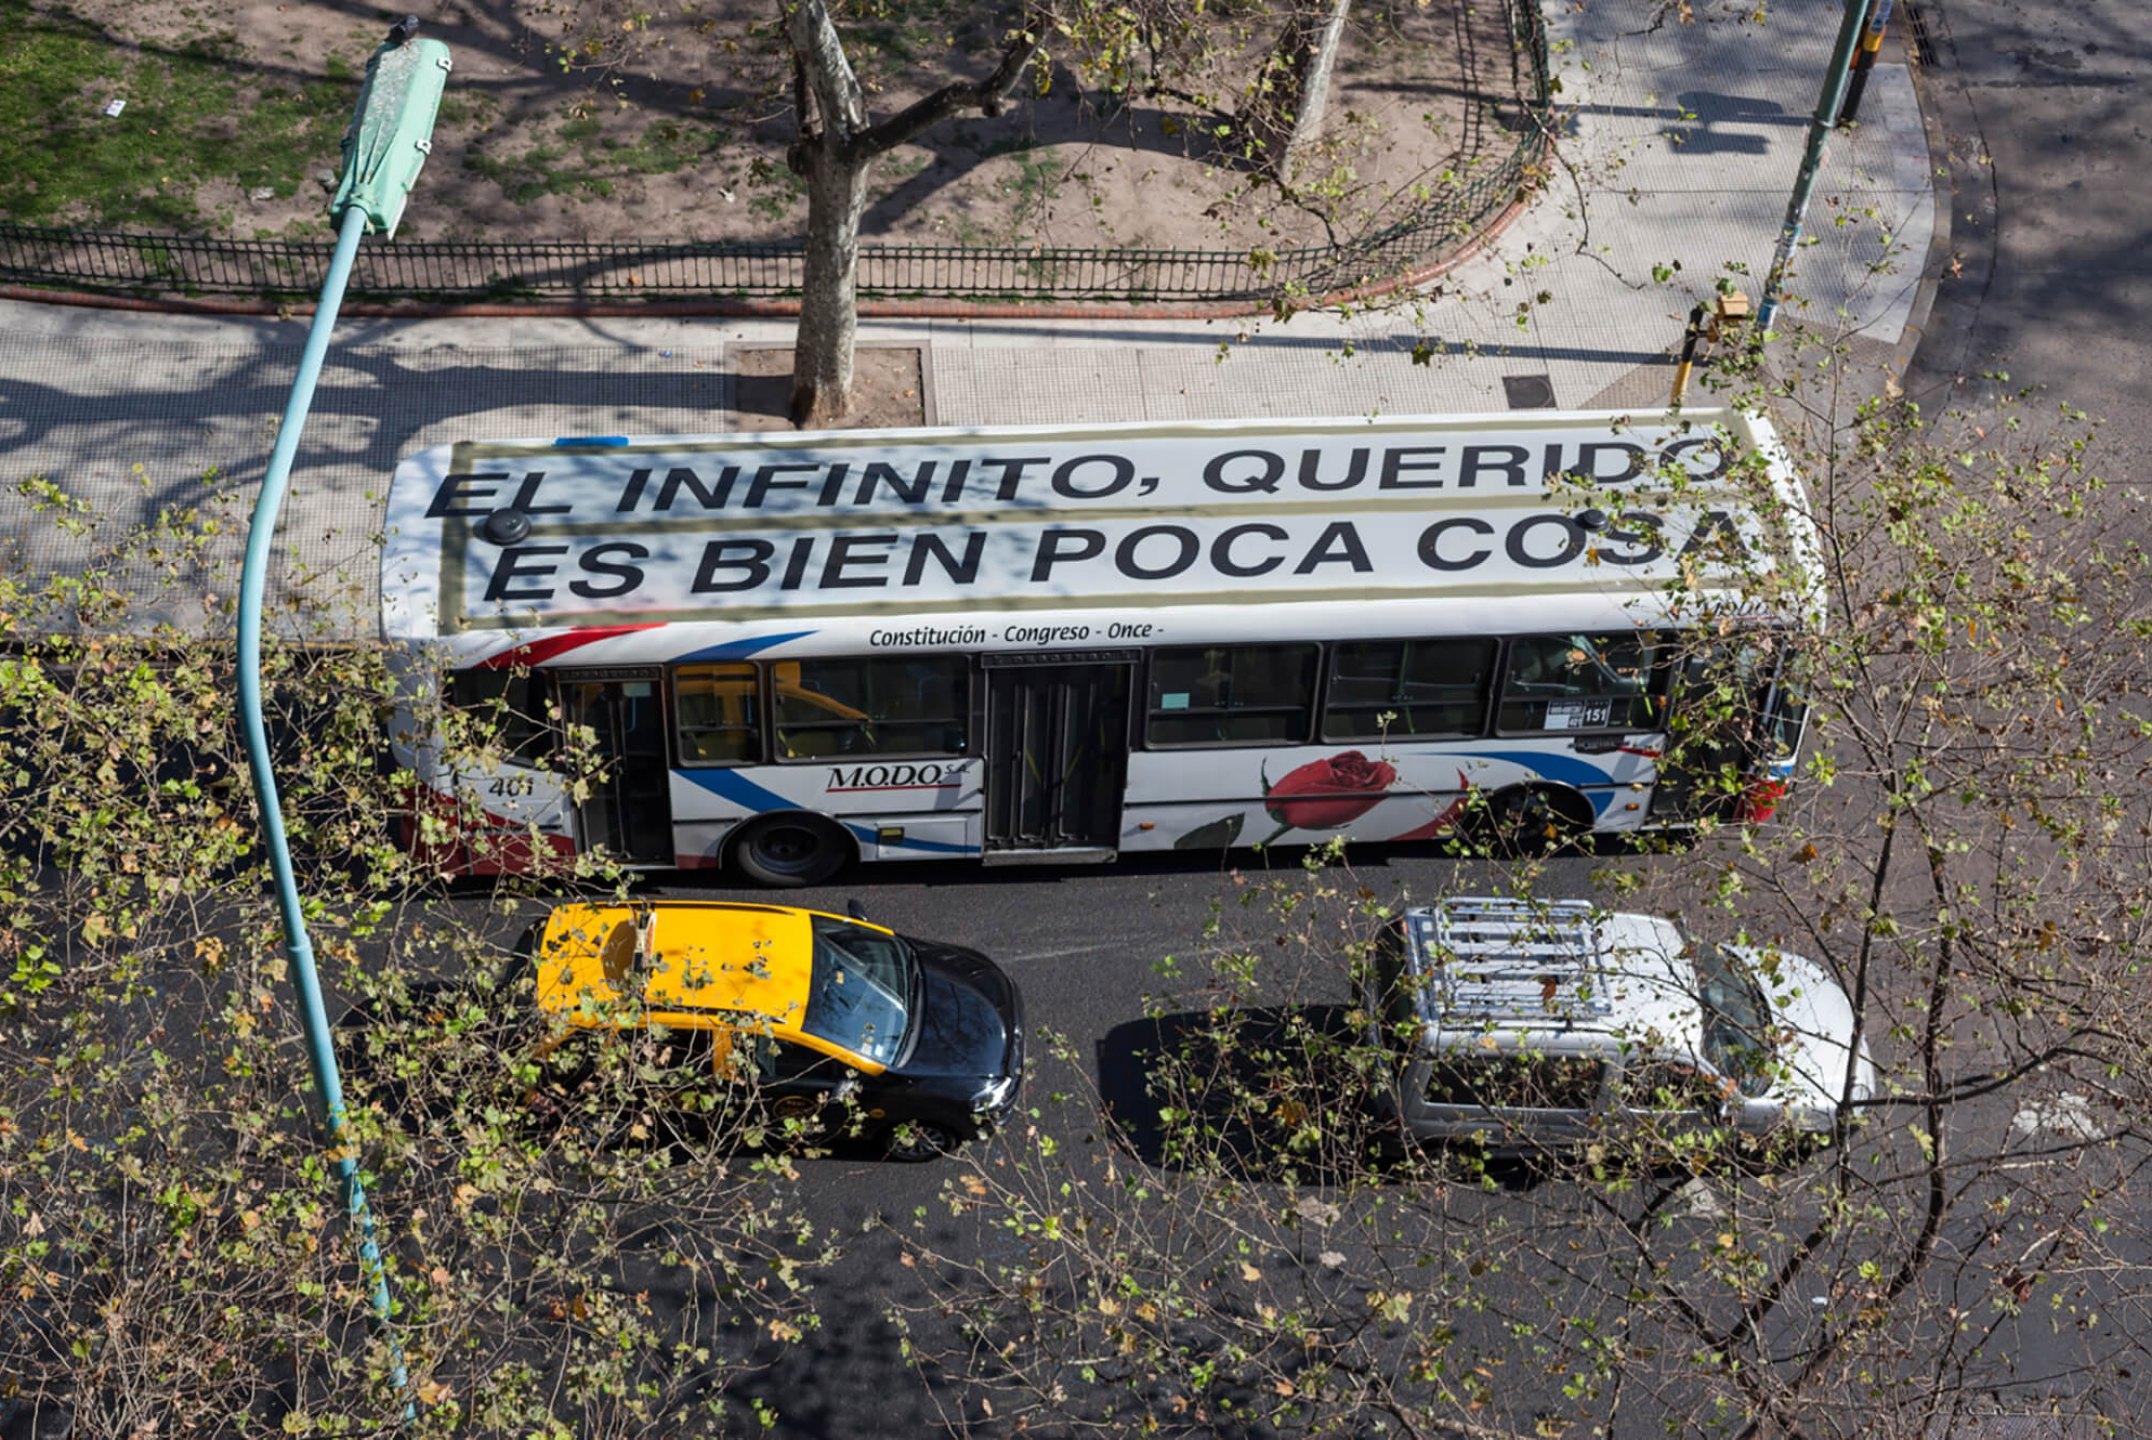 Runo Lagomarsino, <em>El  infinito querido es bien poca cosa, </em>2013,    vinyl text on the roof of a public buss, Buenos Aires - Mendes Wood DM